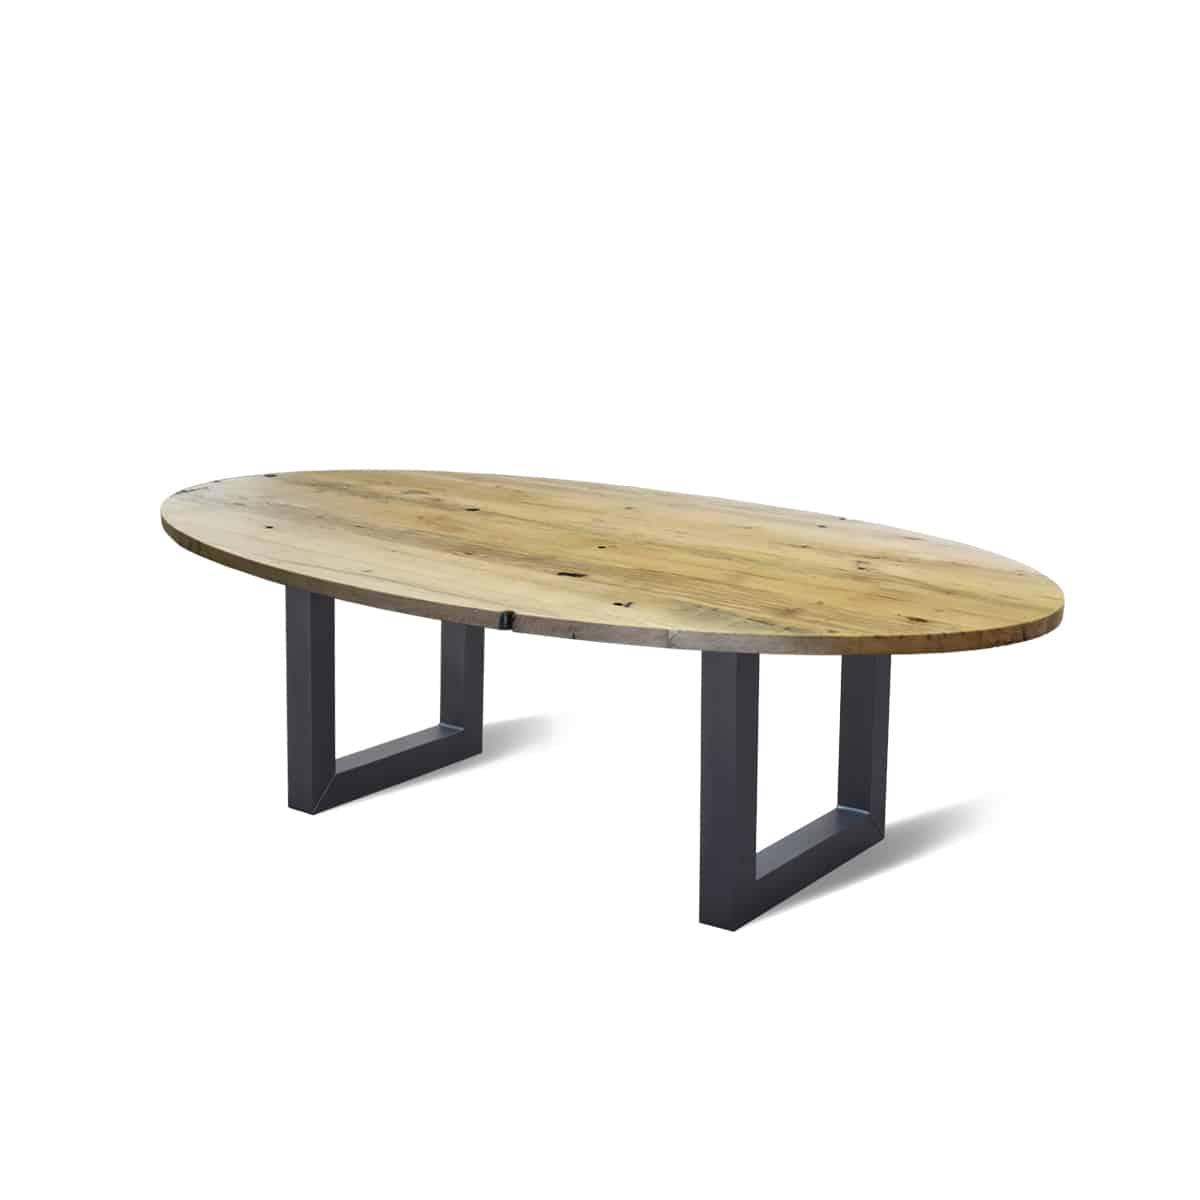 Ovale industriele eetkamer keuken tafel wagonhout staal